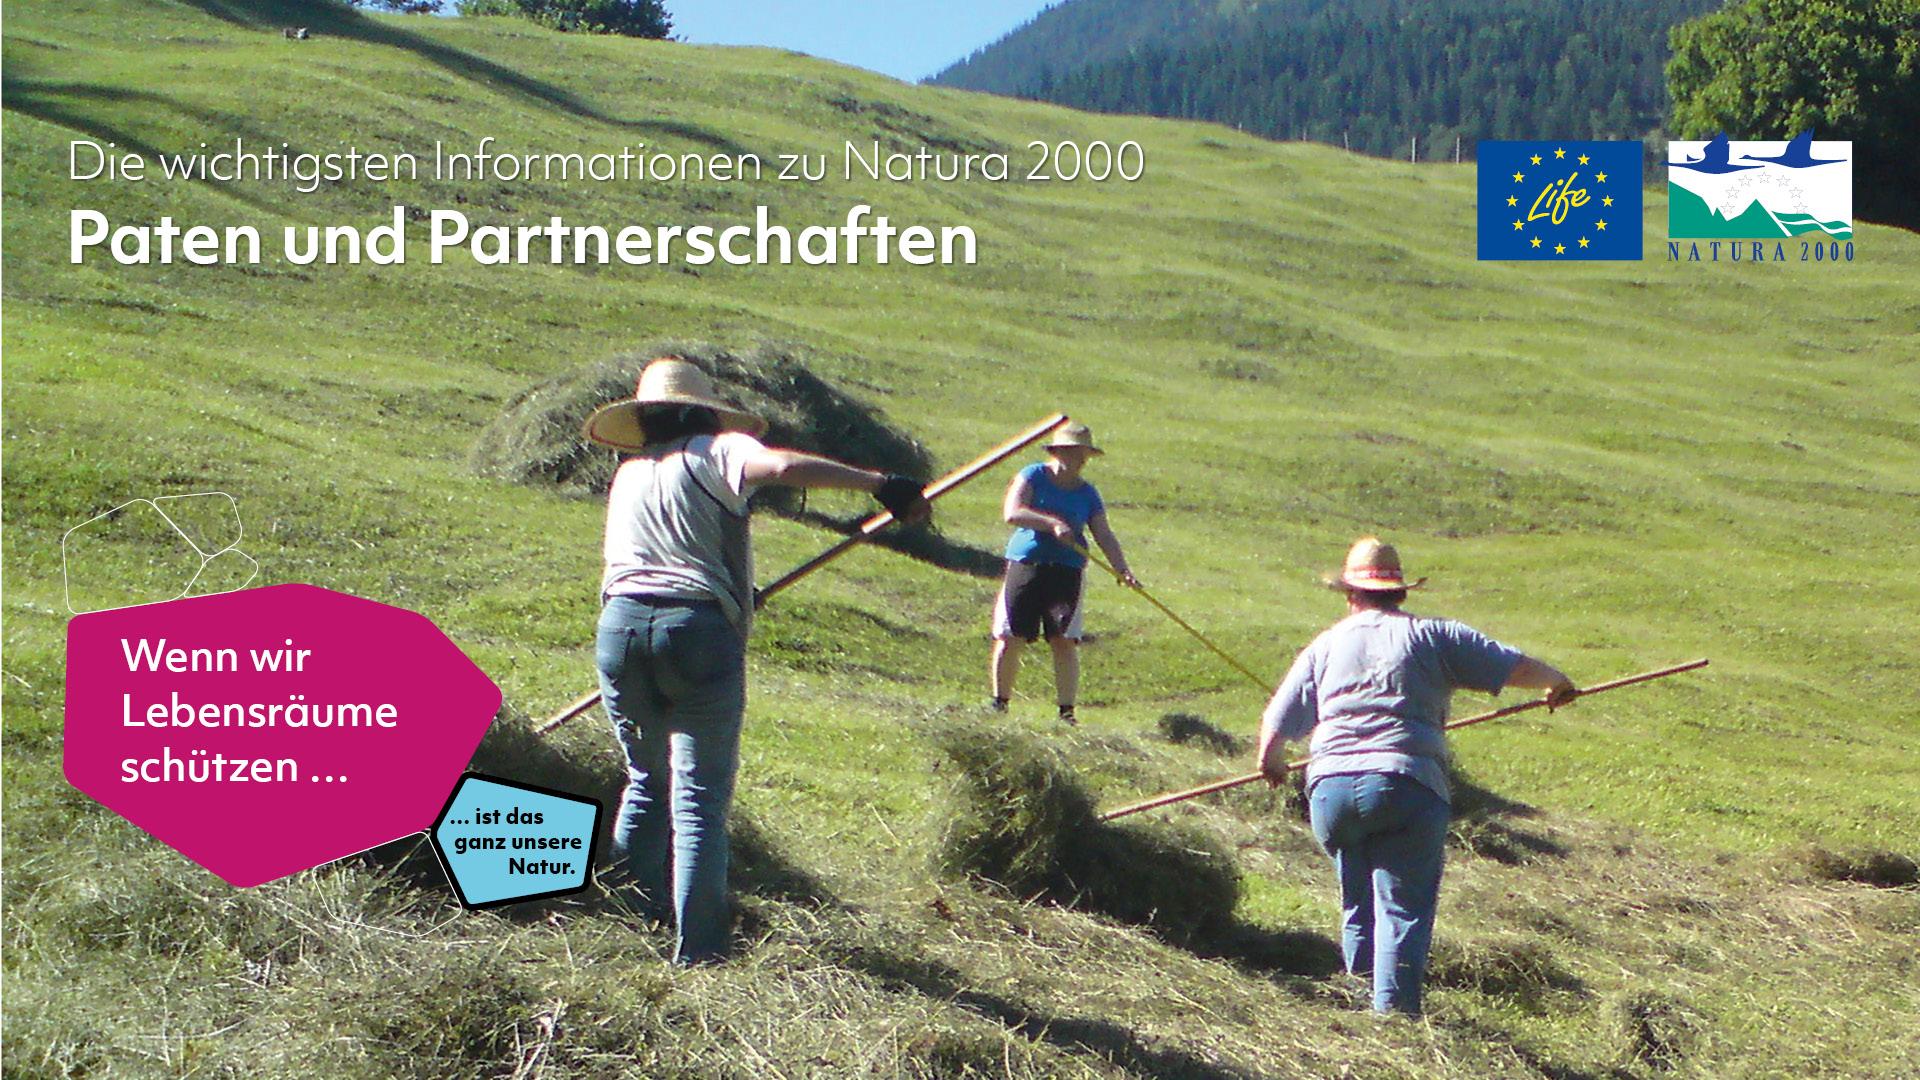 """Drei Personen wenden auf einer Wiese in Hanglage zum Trocknen ausgelegtes Heu mit langen Stöcken. Darüber steht: Die wichtigsten Informationen zu Natura 2000 - Paten und Patenschaften. Unten links sind zwei Waben zu sehen, eine mit violettem Hintergrund und der Aufschrift """"Wenn wir Lebensräume schützen..."""" und eine mit blauem Hintergrund und der Aufschrift """"... ist das ganz unsere Natur."""" Oben rechts sind die Logos des LIFE-Programms und von Natura 2000 zu sehen."""